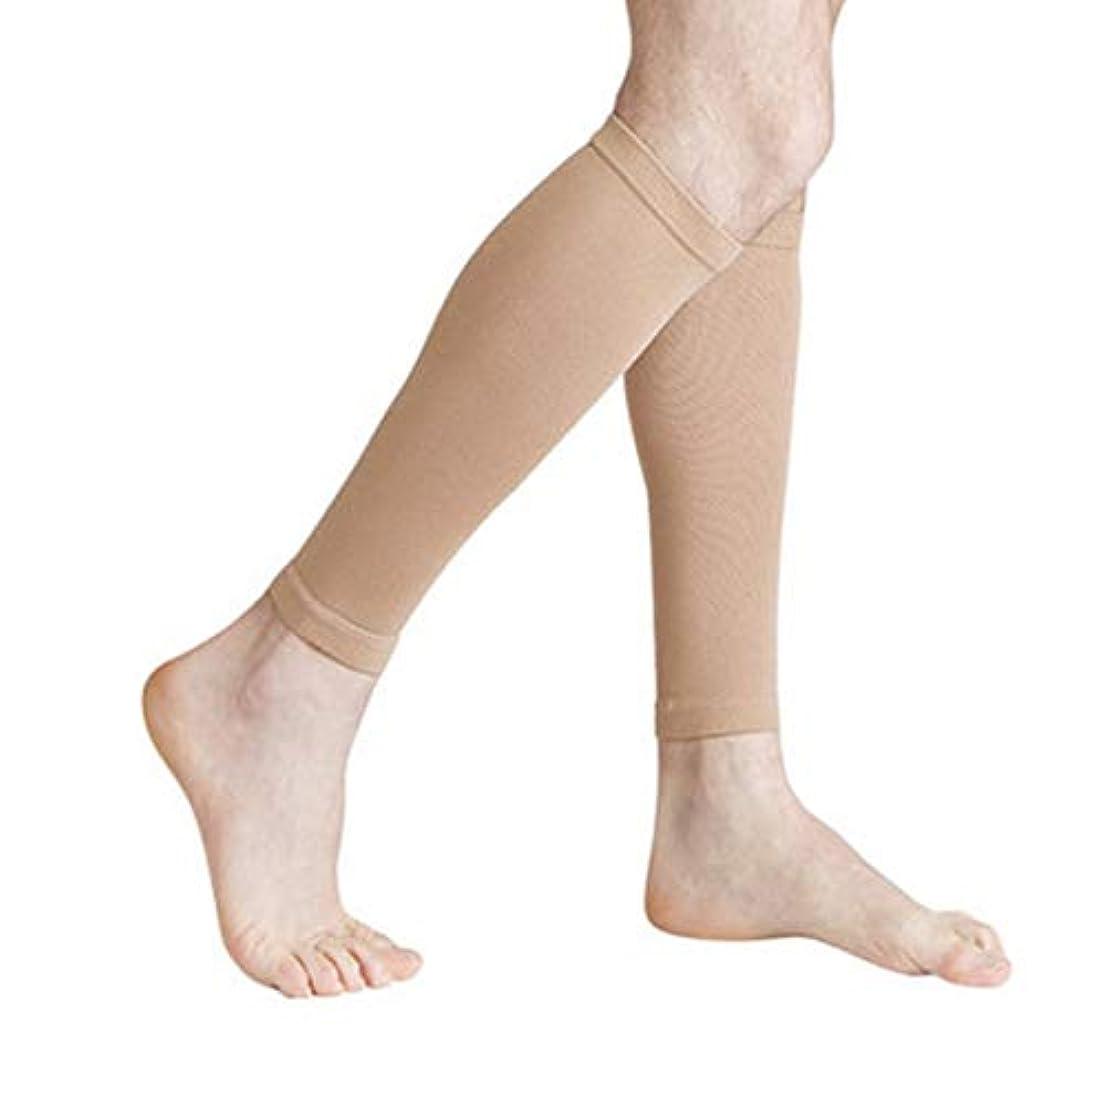 溶融前投薬誕生丈夫な男性女性プロの圧縮靴下通気性のある旅行活動看護師用シントスプリントフライトトラベル - 肌色